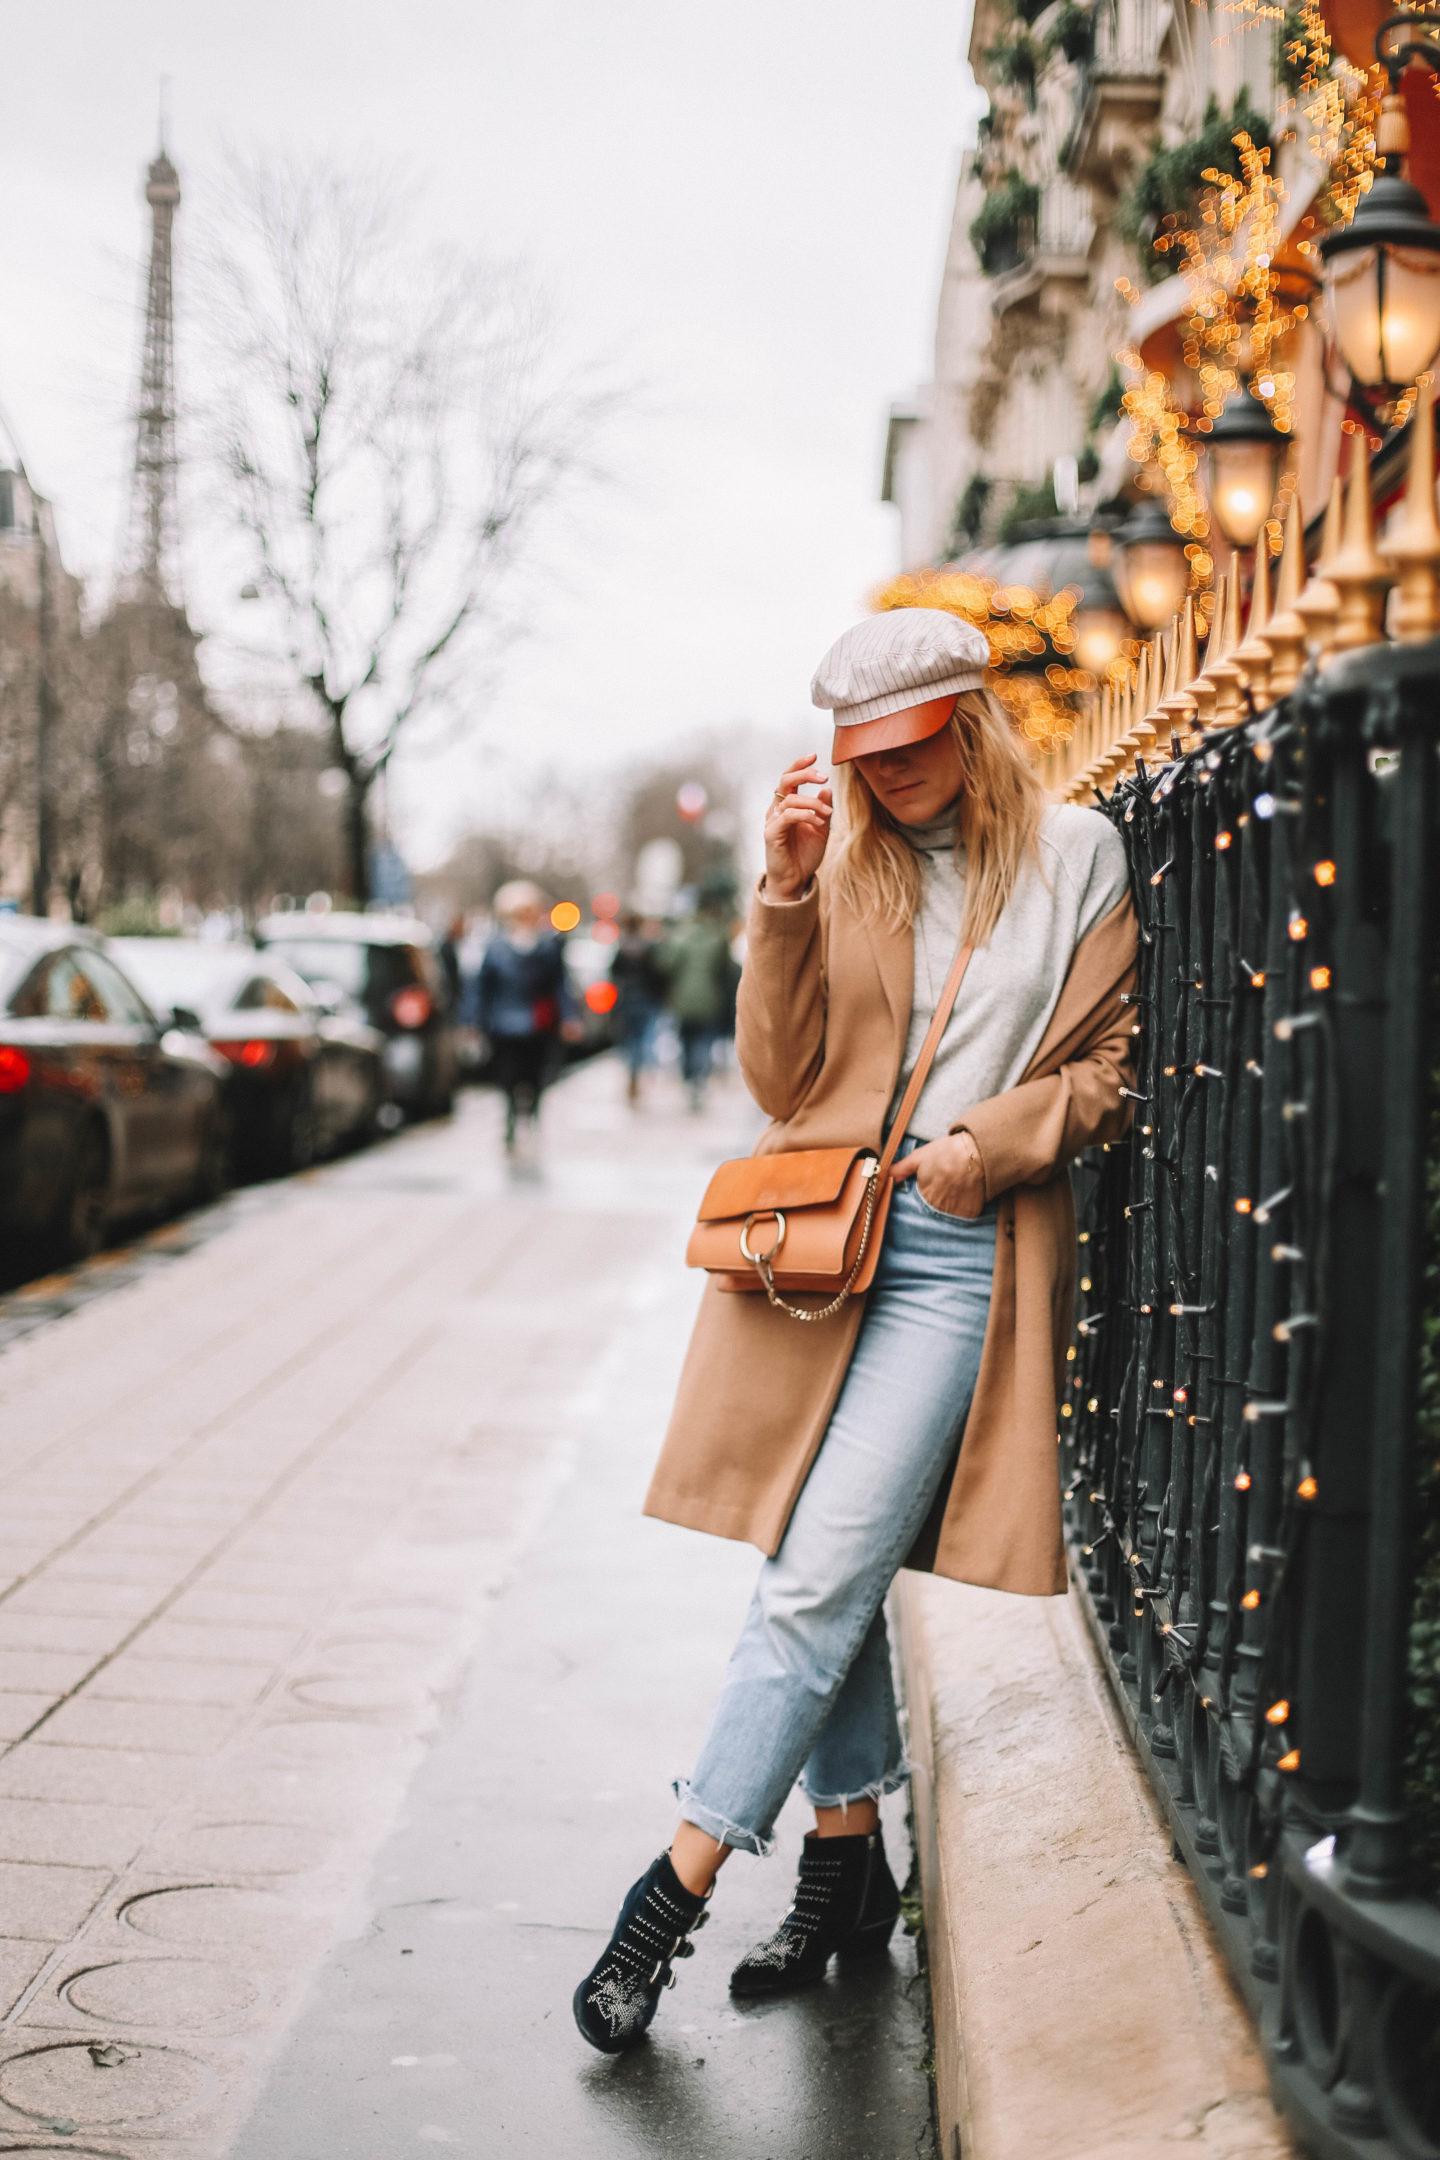 Hôtel Plaza Athénée Paris - Blondie Baby blog mode et voyages